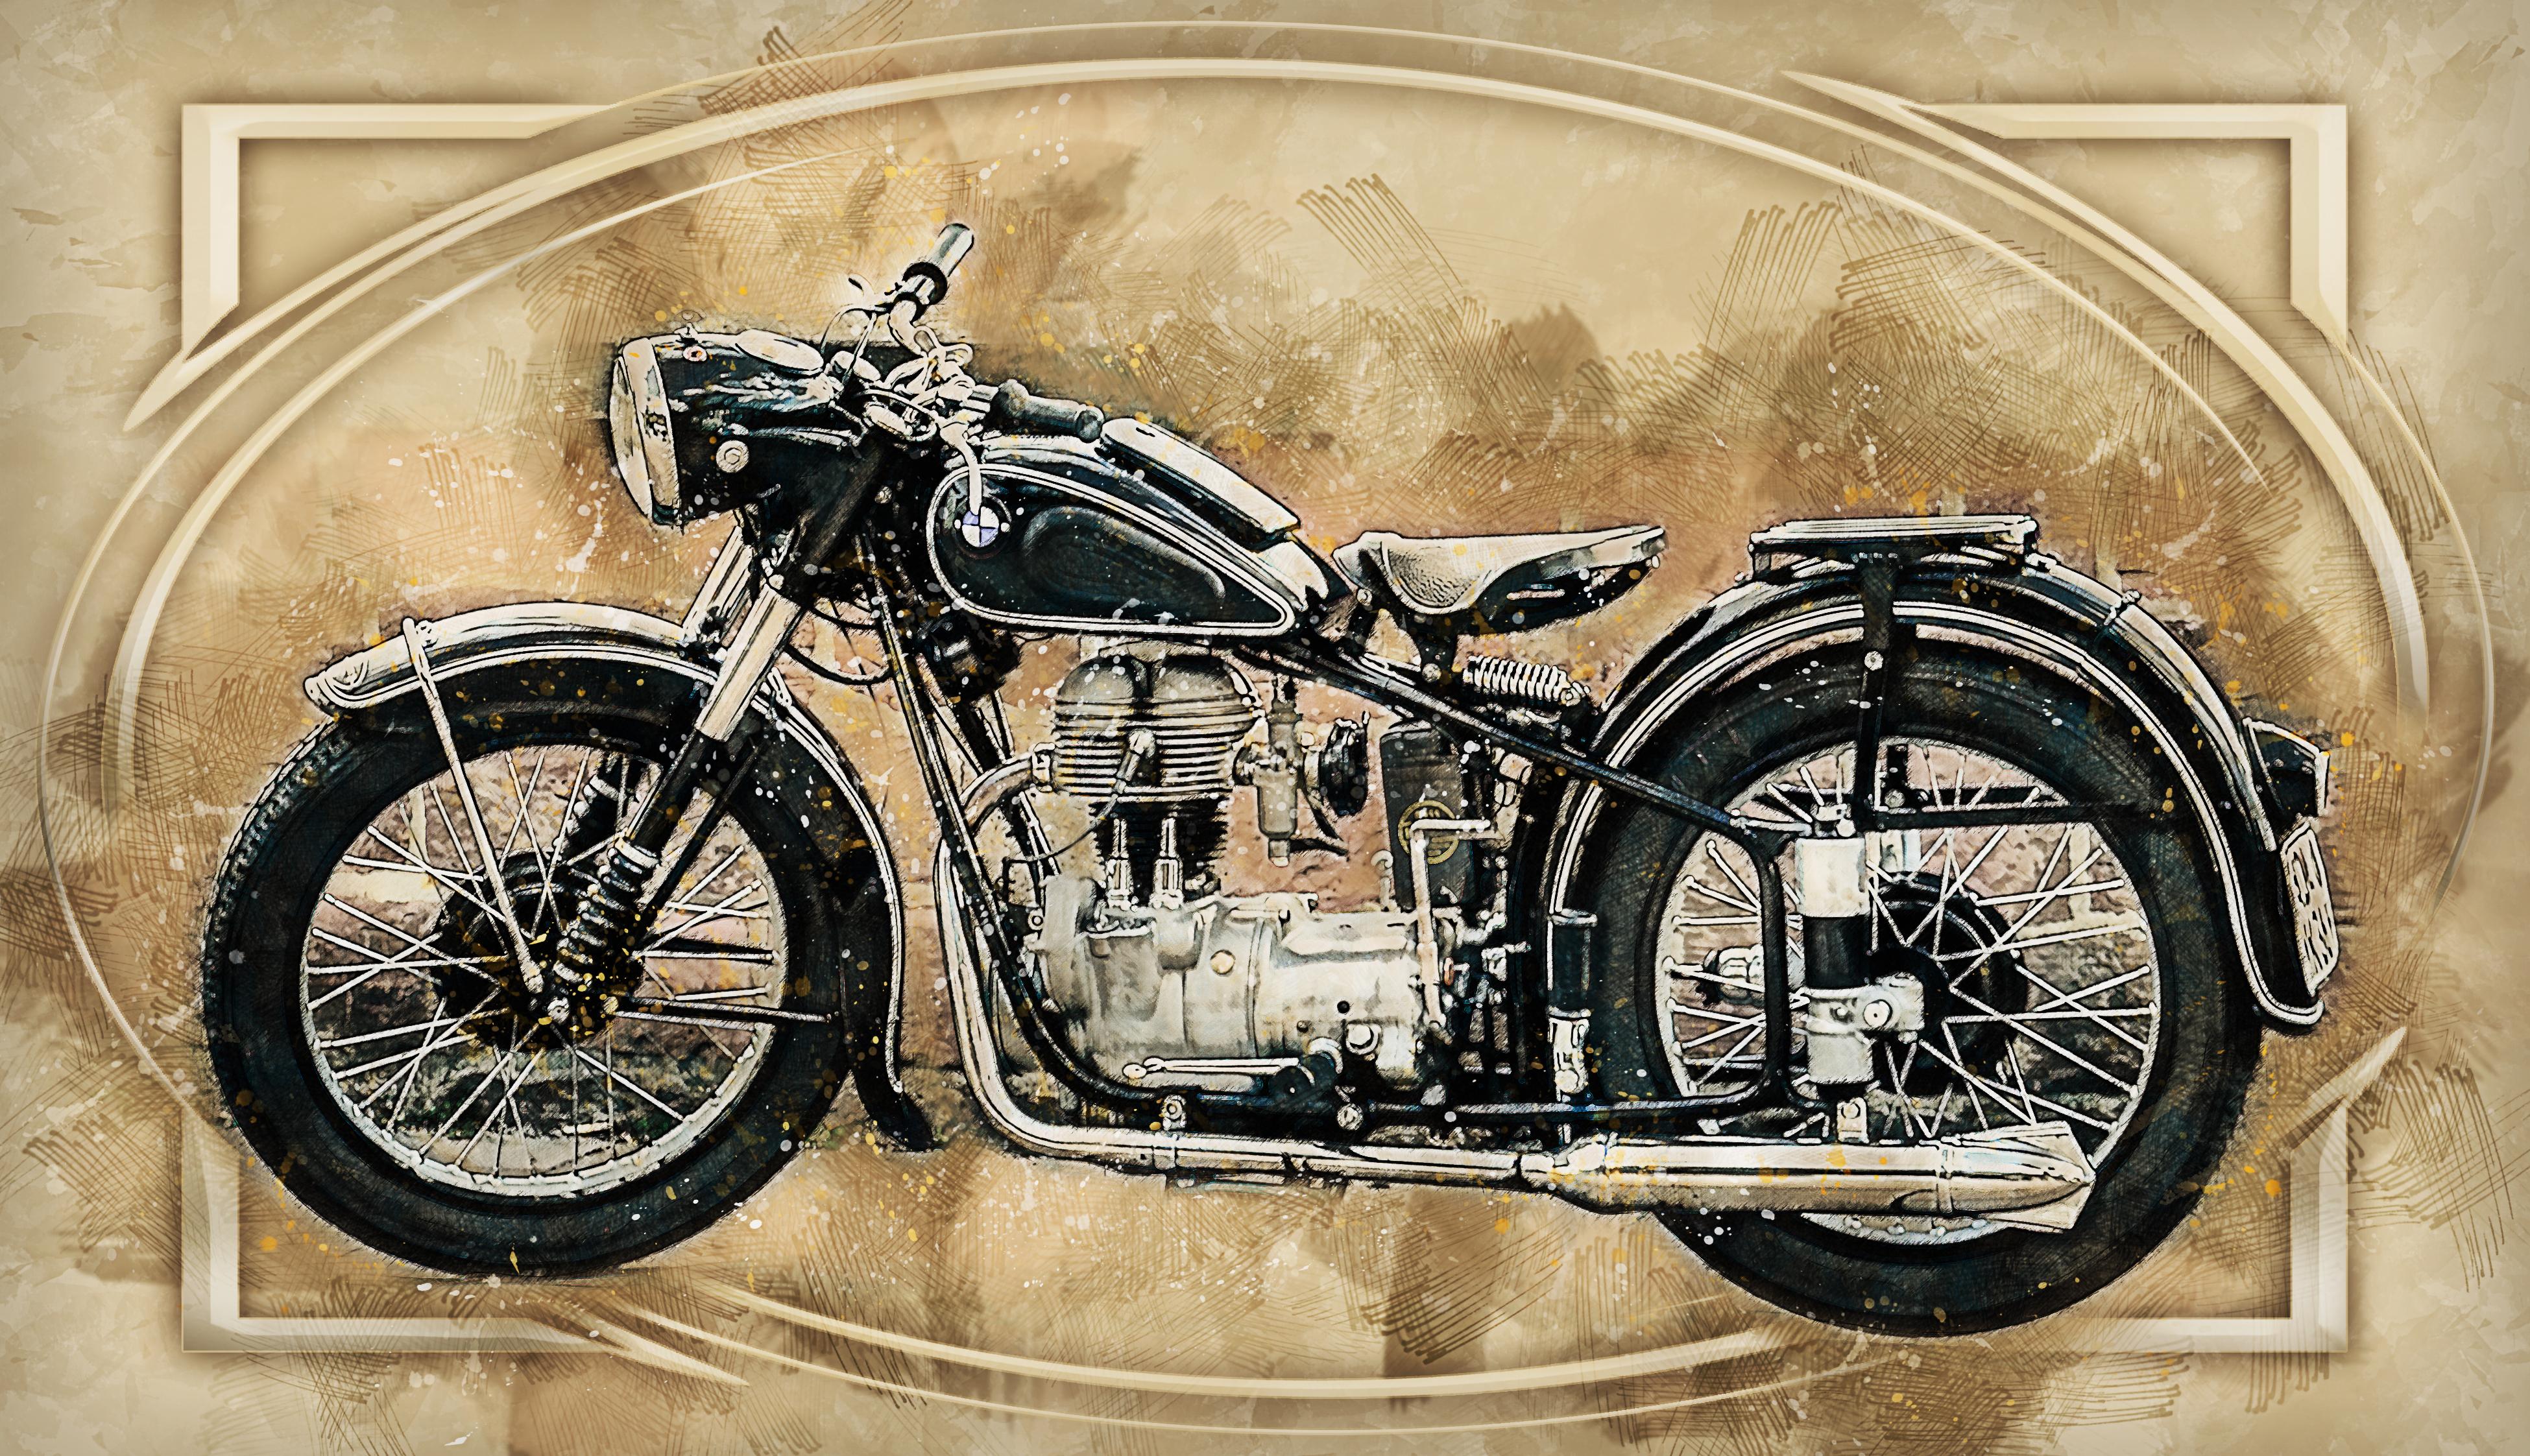 Classic Motorcycle - Retro